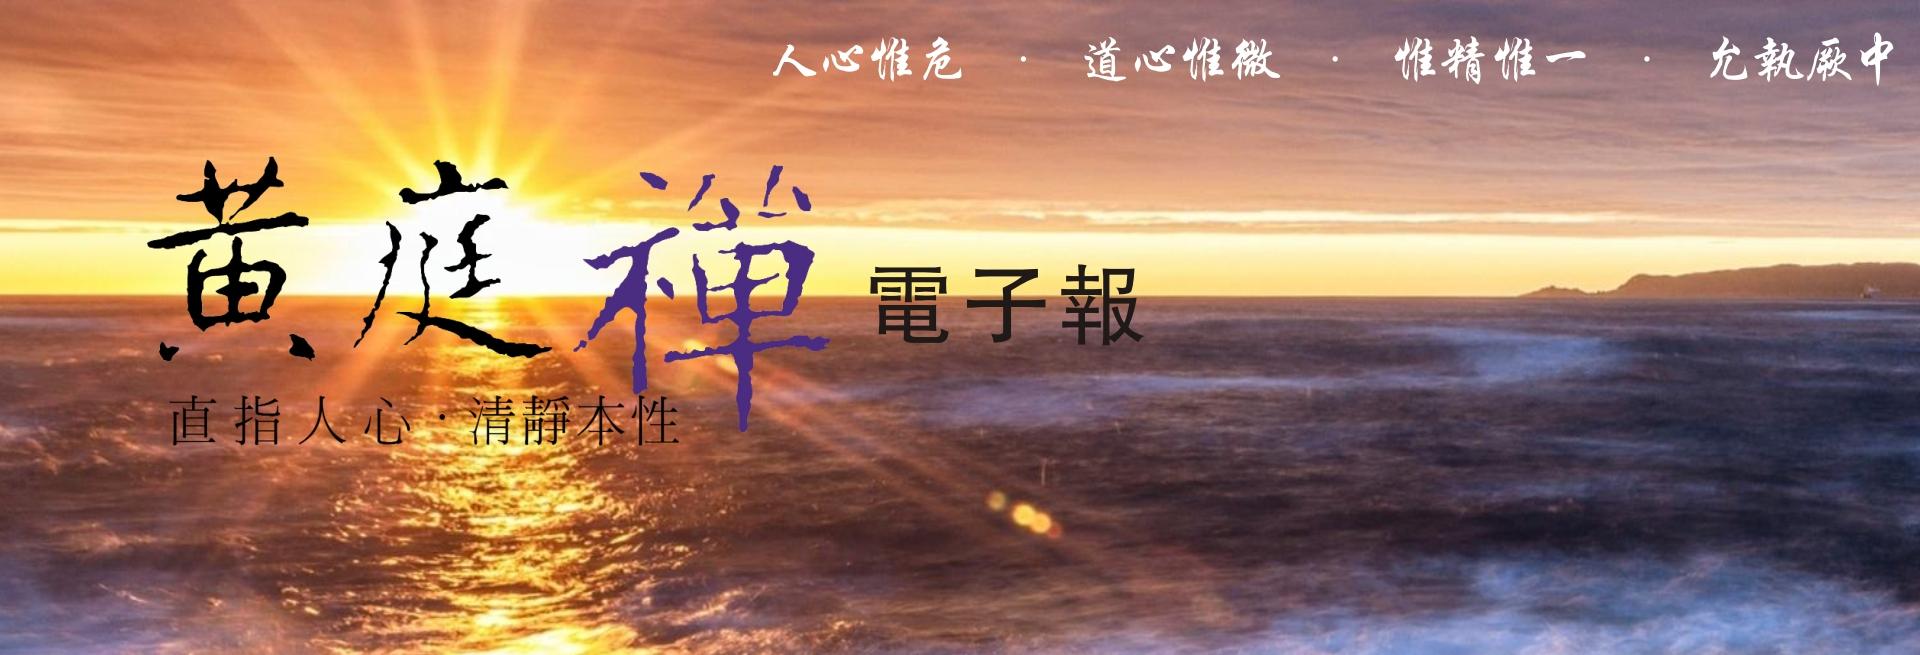 中華黃庭禪學會2020.10.01電子報